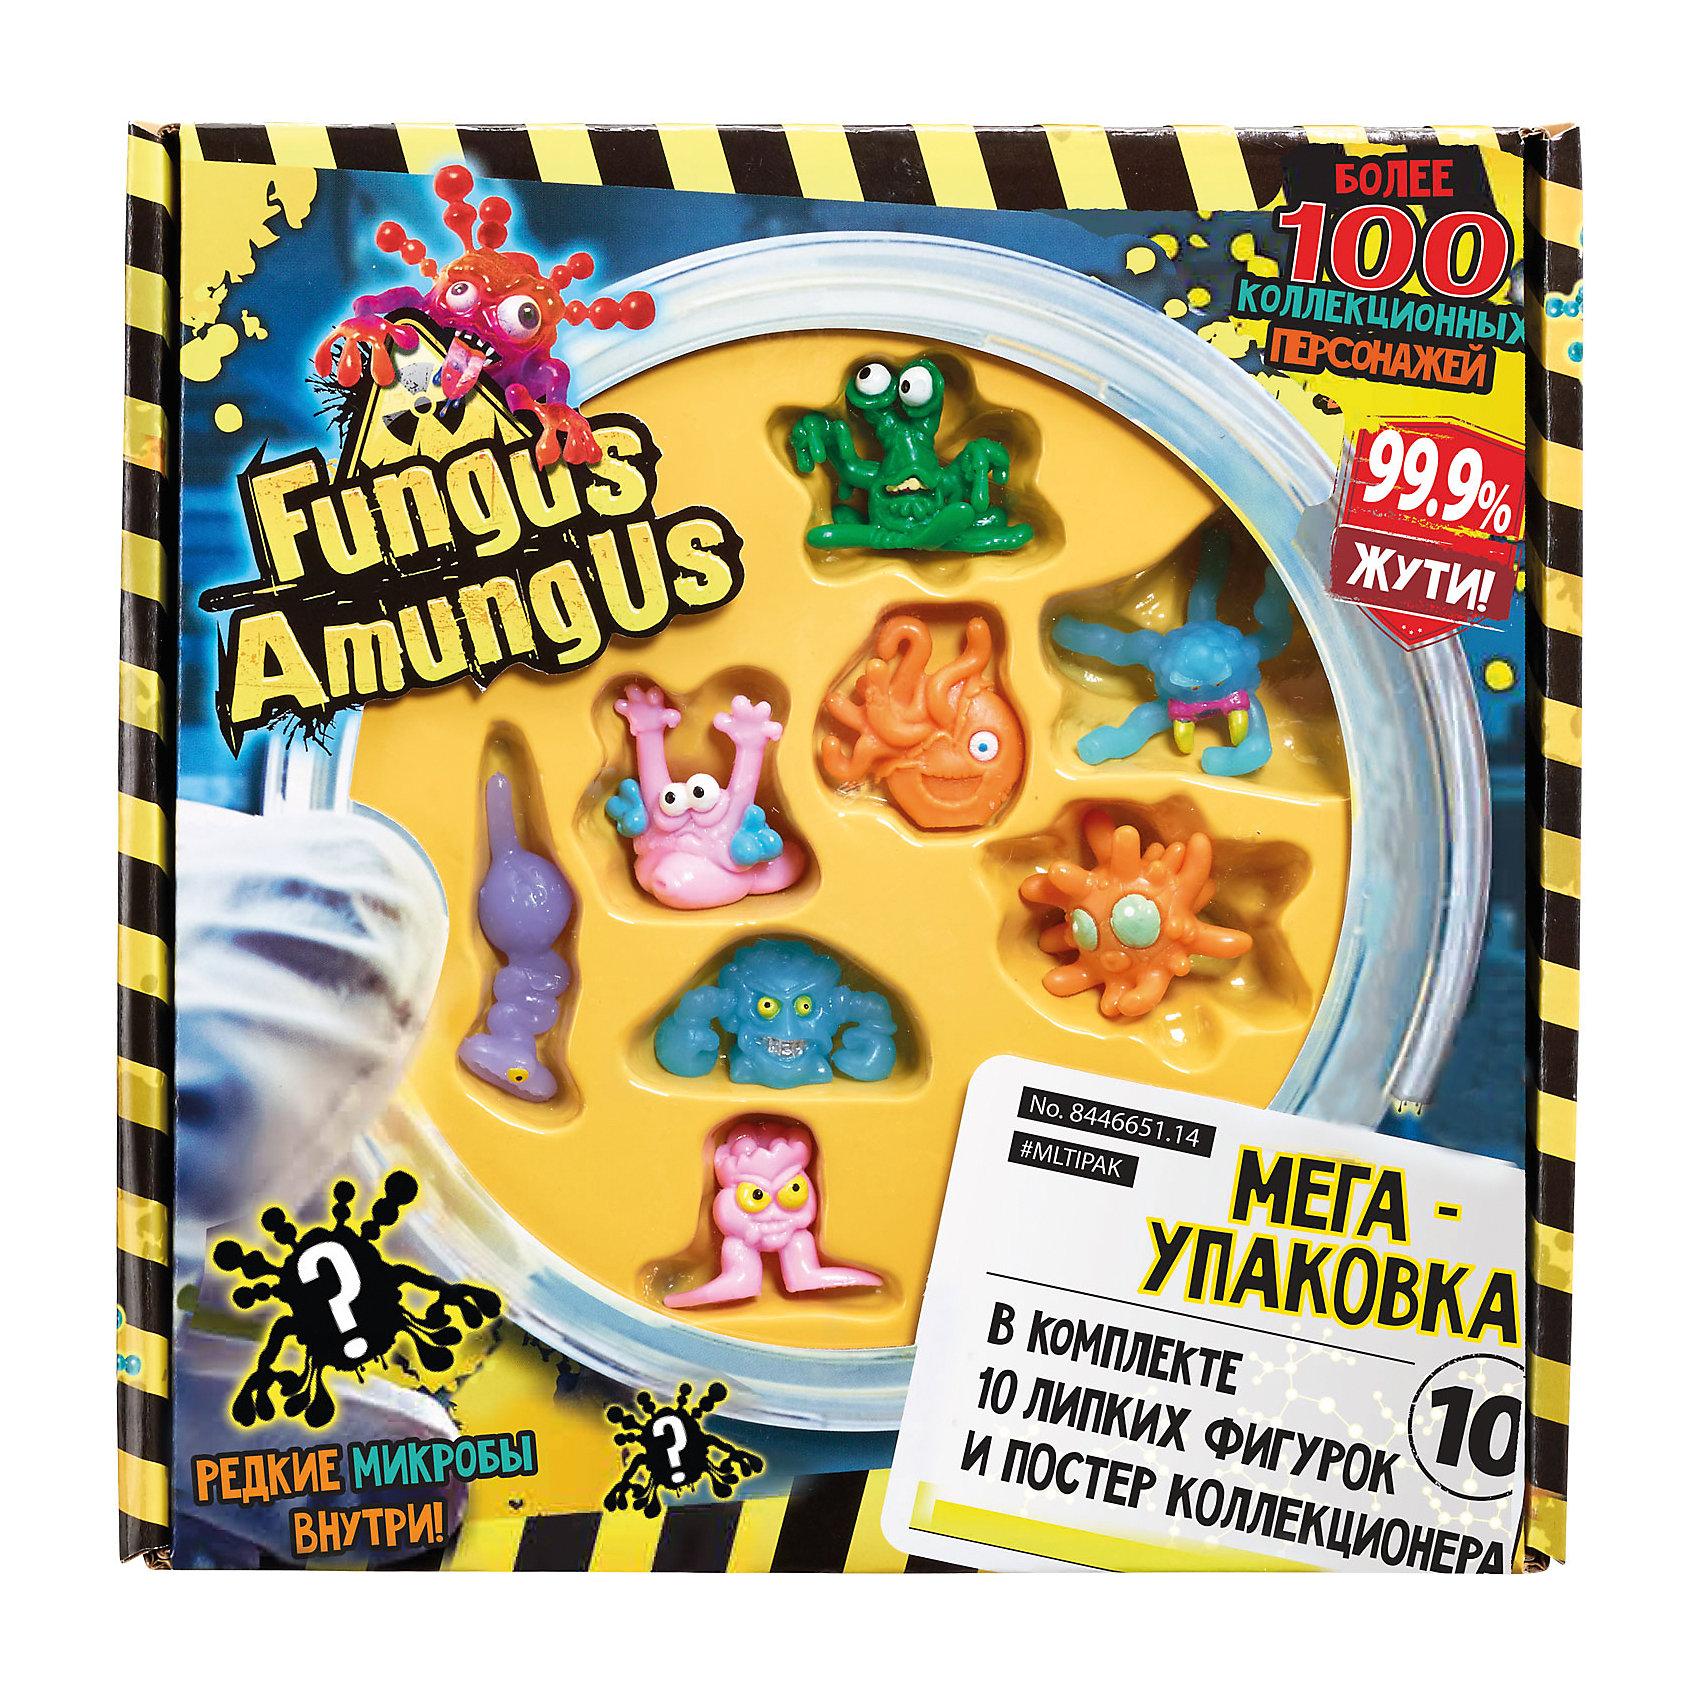 Набор из 10 фигурок микробов Fungus Amungus, VividМир животных<br>Игровой набор Fungus Amungus (Фунгус Амунгус) из 10 фигурок микробов от торговой марки Vivid - это замечательное собрание коварных монстров, которые готовы вырваться на свободу и начать устраивать различные шалости! Фигурки выполнены из расплющивающегося, растягивающегося и липкого пластика в ярких цветах. Так, к примеру, можно кинуть какого-нибудь микроба в стену, а он прилипнет к ней и будет сползать вниз! А если смять другого, то он без труда,  вернет себе привычную форму. Не все фигурки можно разглядеть через красочную блистерную упаковку, кто спрятан в коробке, можно узнать только, открыв ее, и это придает процессу коллекционирования больше азарта. Собрав полную коллекцию, юные коллекционеры смогут обмениваться фигурками с друзьями. С этими забавными фигурками будет легко придумать различные игровые сюжеты, развивая тем самым воображение. Микробы Fungus Amungus, помимо своих возможностей, привлекают к себе внимание невероятным внешним видом и расцветкой.<br><br>Дополнительная информация:<br><br>- возраст: от 4 лет<br>- пол: для мальчиков<br>- комплект: 10 липких фигурок, постер коллекционера.<br>-  материал: пластичный пластик.<br>- размер упаковки: 27 * 24 * 15 см.<br>- размер одной фигурки: около 3.5 см.<br>- вес: 0.5 кг.<br>- упаковка: картонная коробка.<br>- бренд: Vivid<br>- страна обладатель бренда: Великобритания.<br><br>Набор из 10 фигурок микробов Fungus Amungus,  торговой марки Vivid  можно купить в нашем интернет-магазине<br><br>Ширина мм: 223<br>Глубина мм: 223<br>Высота мм: 45<br>Вес г: 240<br>Возраст от месяцев: 48<br>Возраст до месяцев: 144<br>Пол: Мужской<br>Возраст: Детский<br>SKU: 4964024